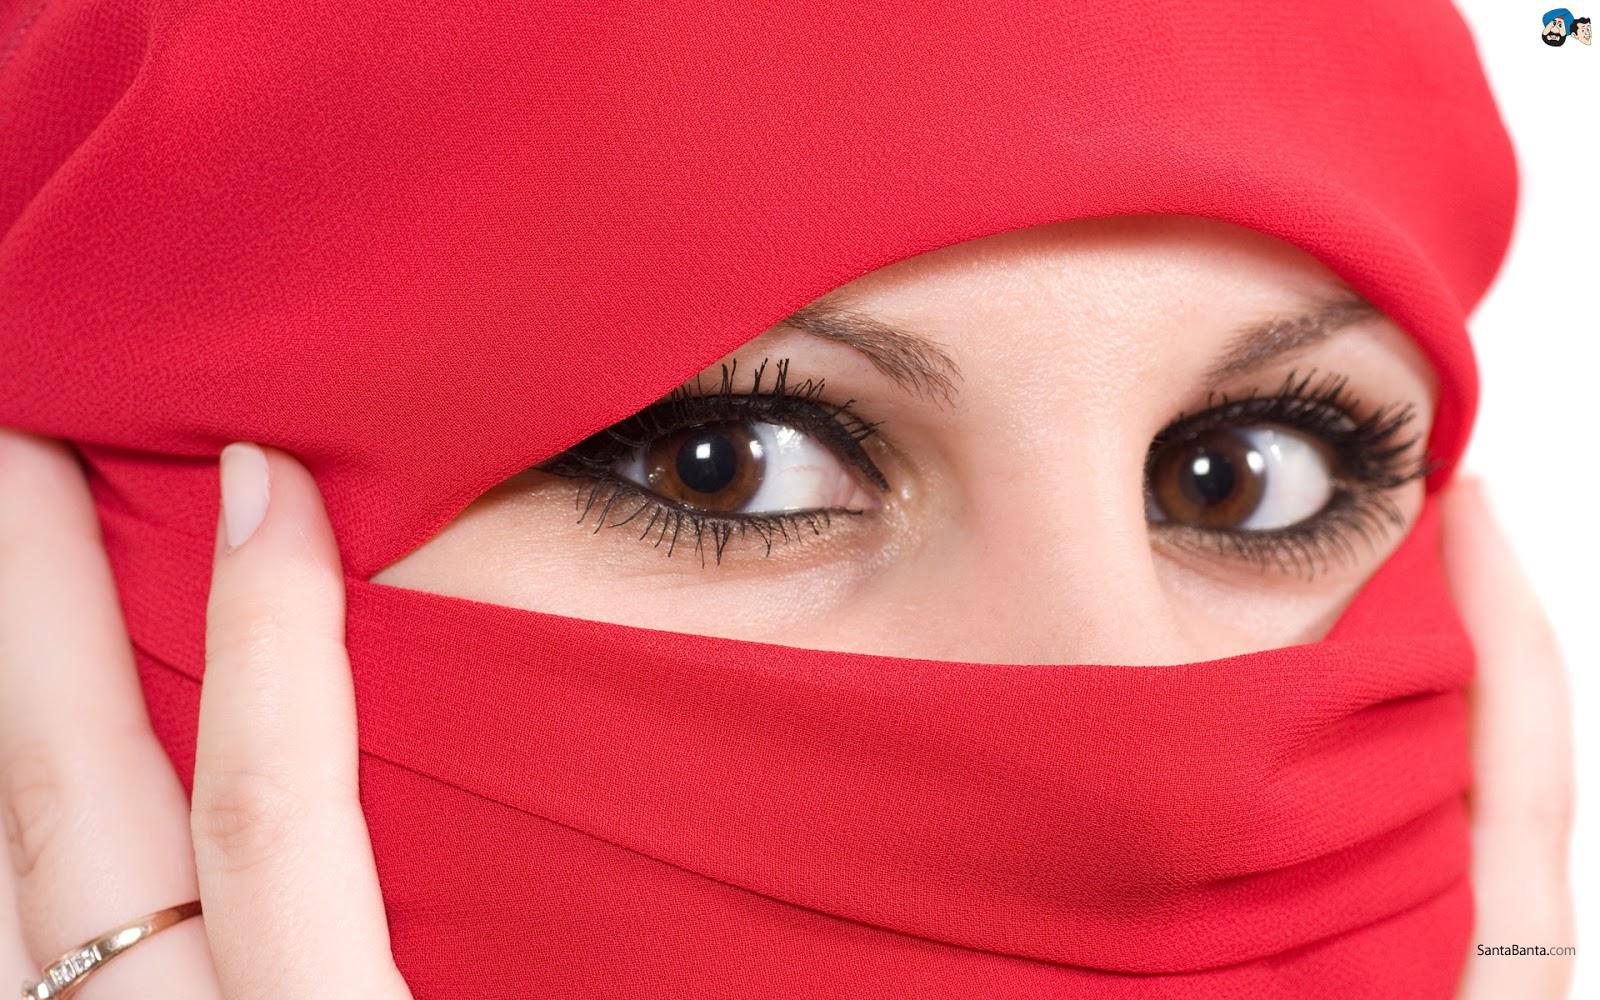 Фото красивой девушки в платке с закрытым лицом